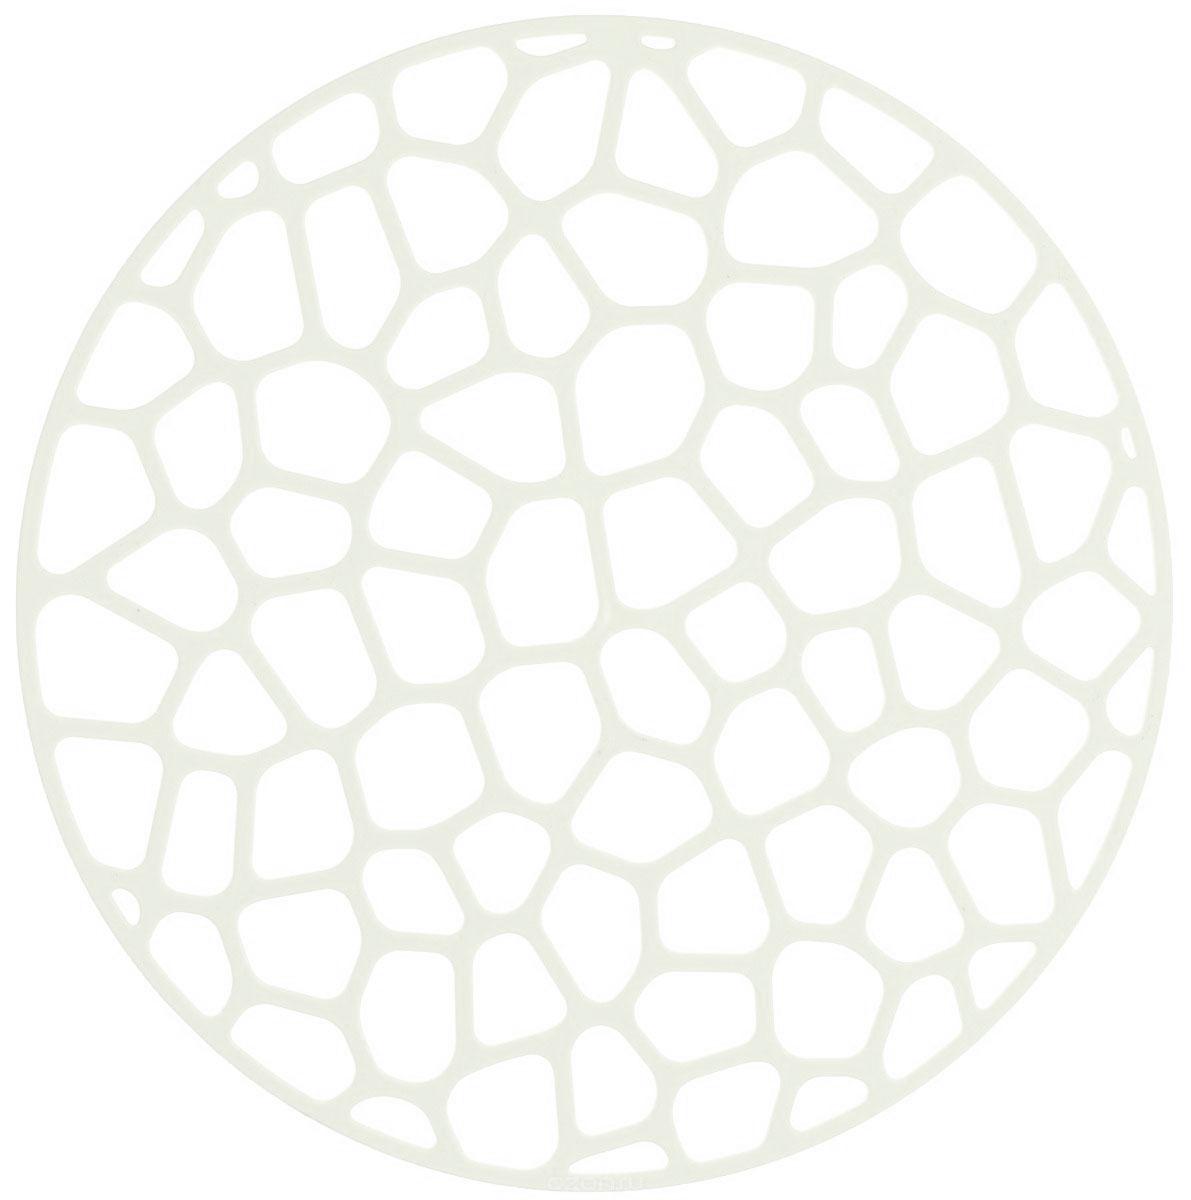 Коврик для раковины Idea, цвет: белый, диаметр 30 смМ 1152_белый, кругКоврик для раковины Idea изготовлен из полипропилена (пластик). Изделие одновременно выполняет несколько функций: украшает, предотвращает появление на раковине царапин и сколов, защищает посуду от повреждений при падении в раковину, удерживает мусор, попадание которого в слив приводит к засорам. Изделие также обладает противоскользящим эффектом и может использоваться в качестве подставки для сушки чистой посуды. Легко очищается от грязи и жира.